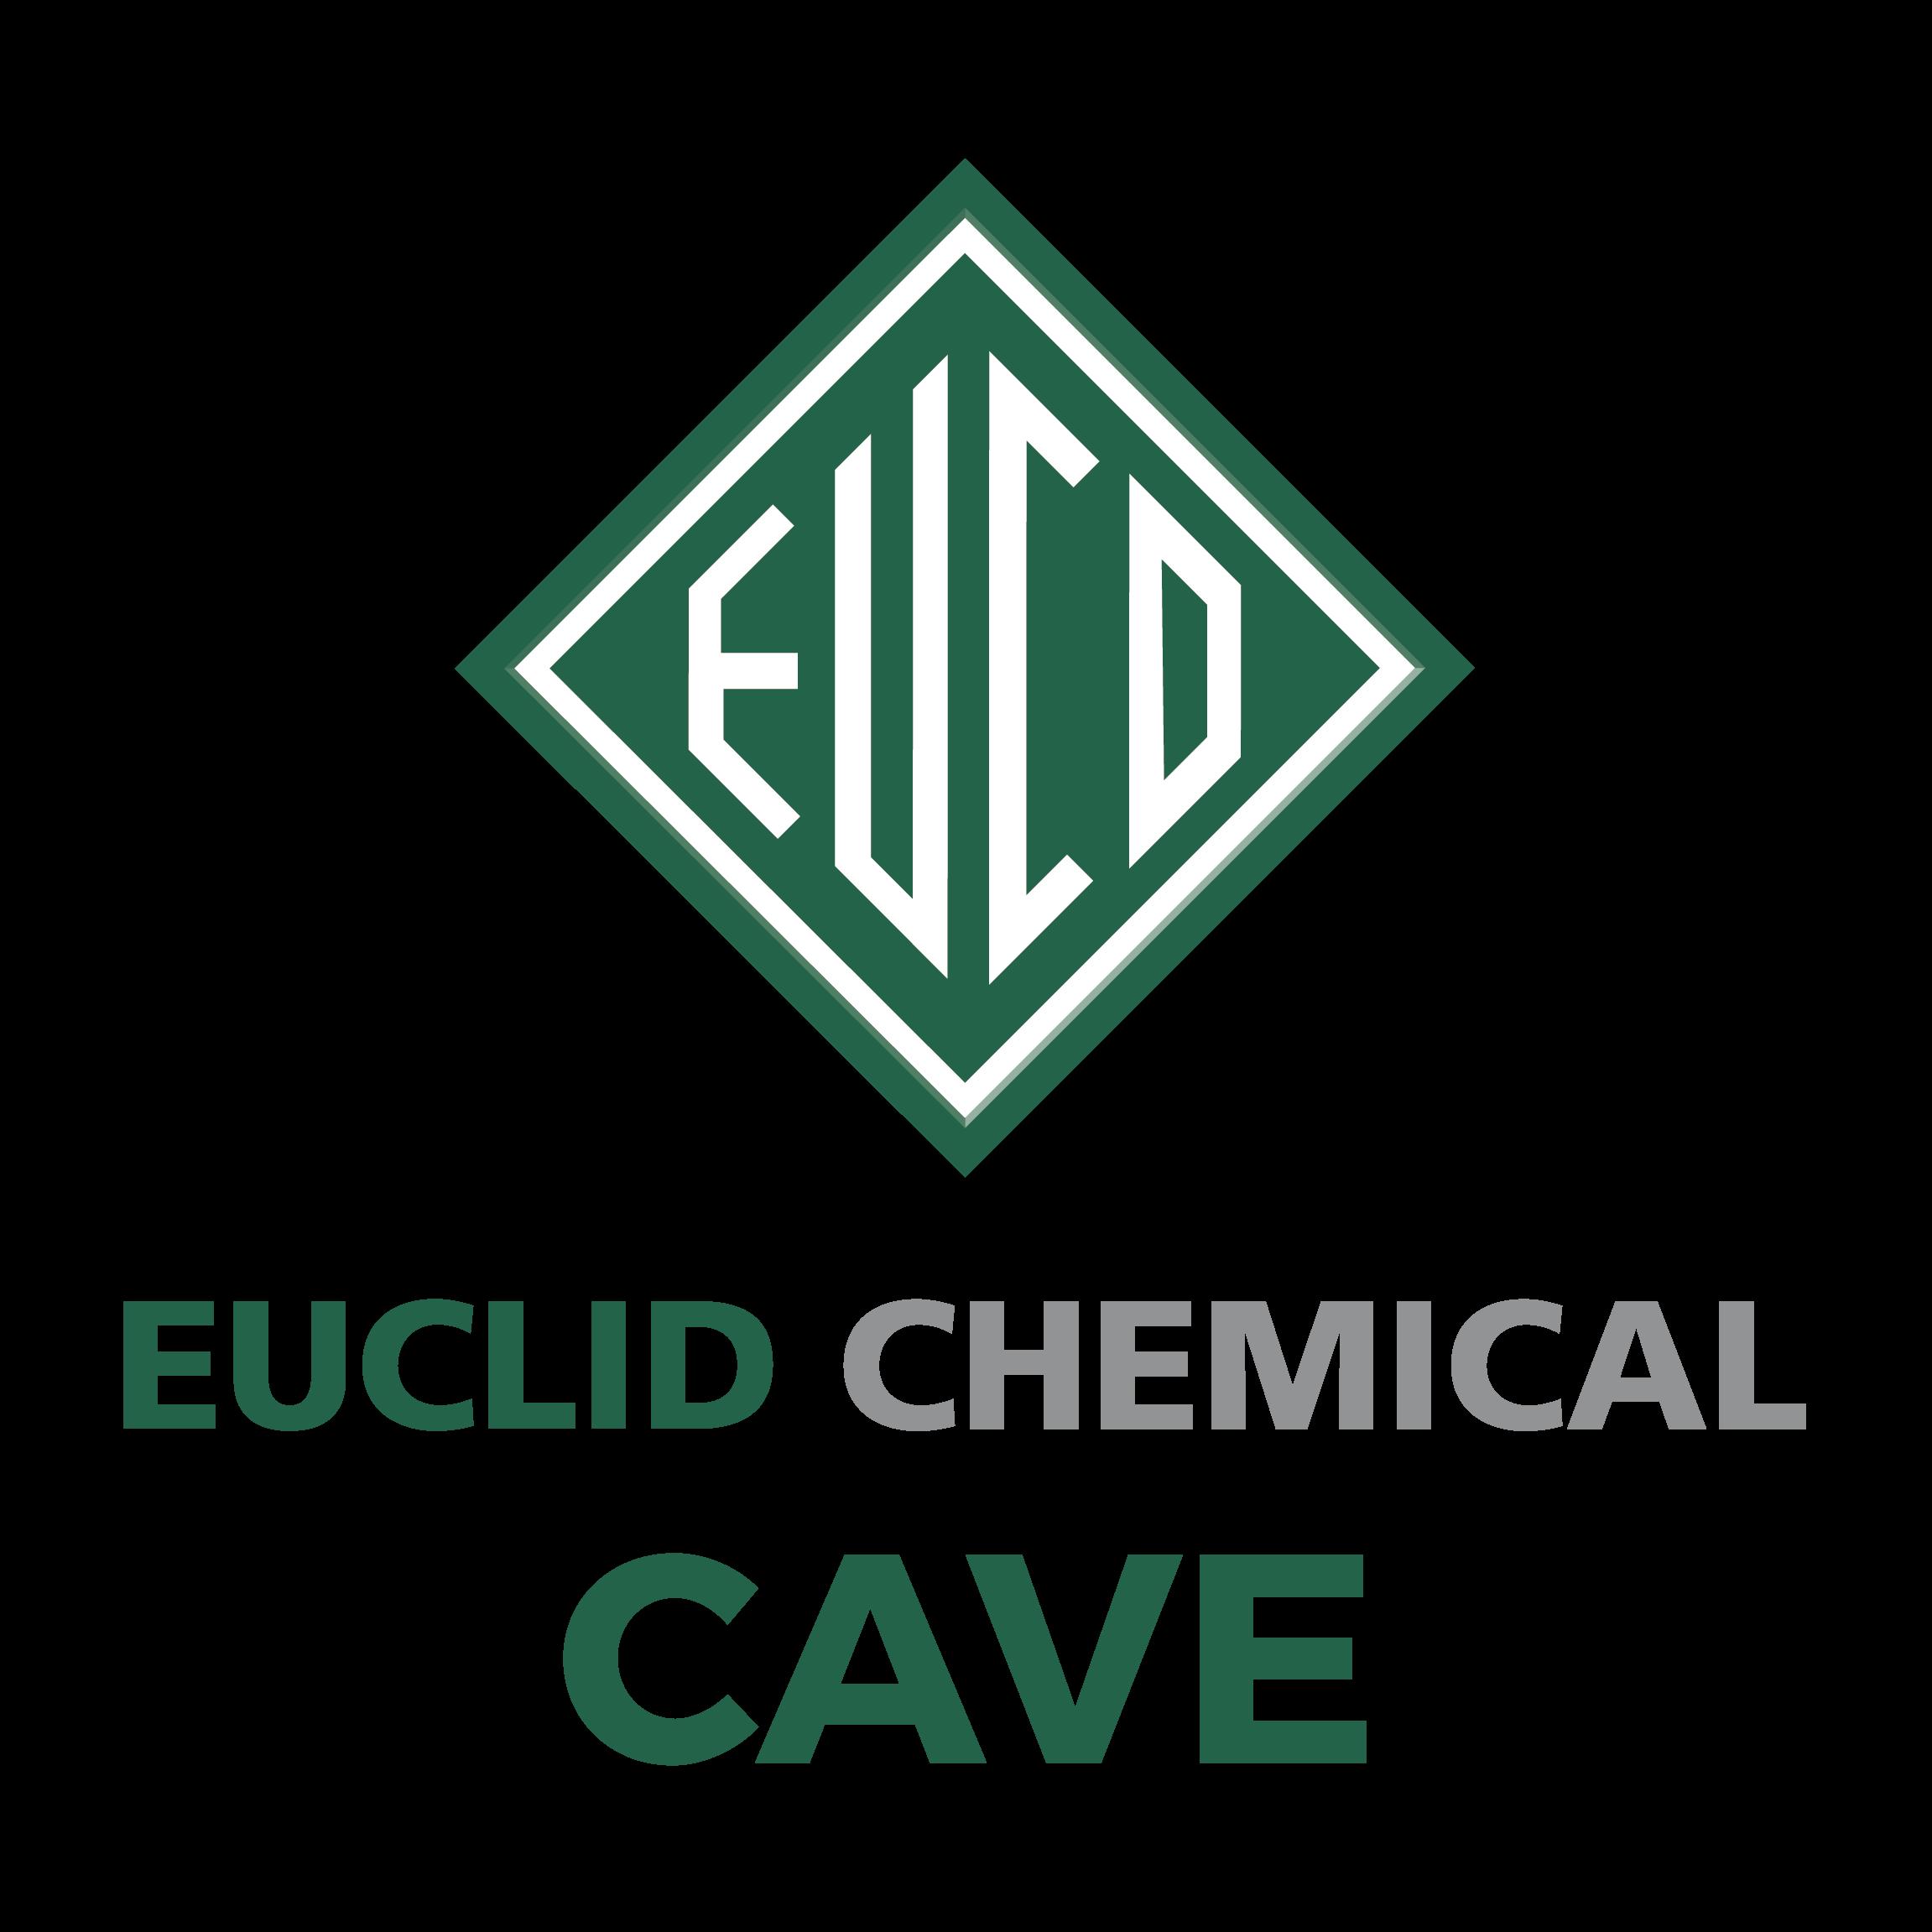 Euclid Chemical se embarca en su próximo gran paso en Chile